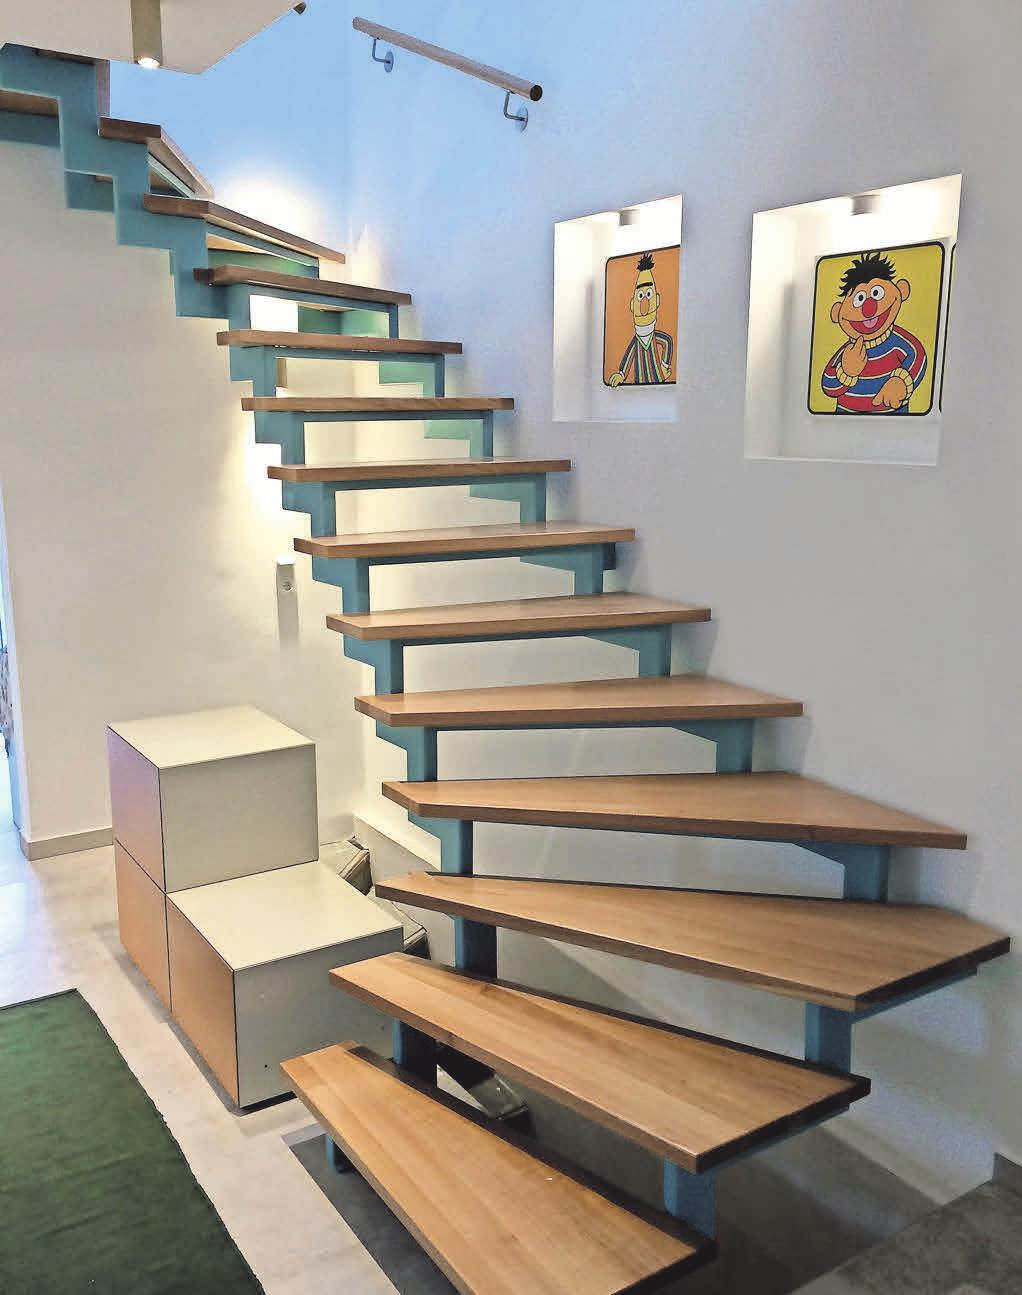 Nach der Renovierung erscheint die Treppe in neuem Glanz.